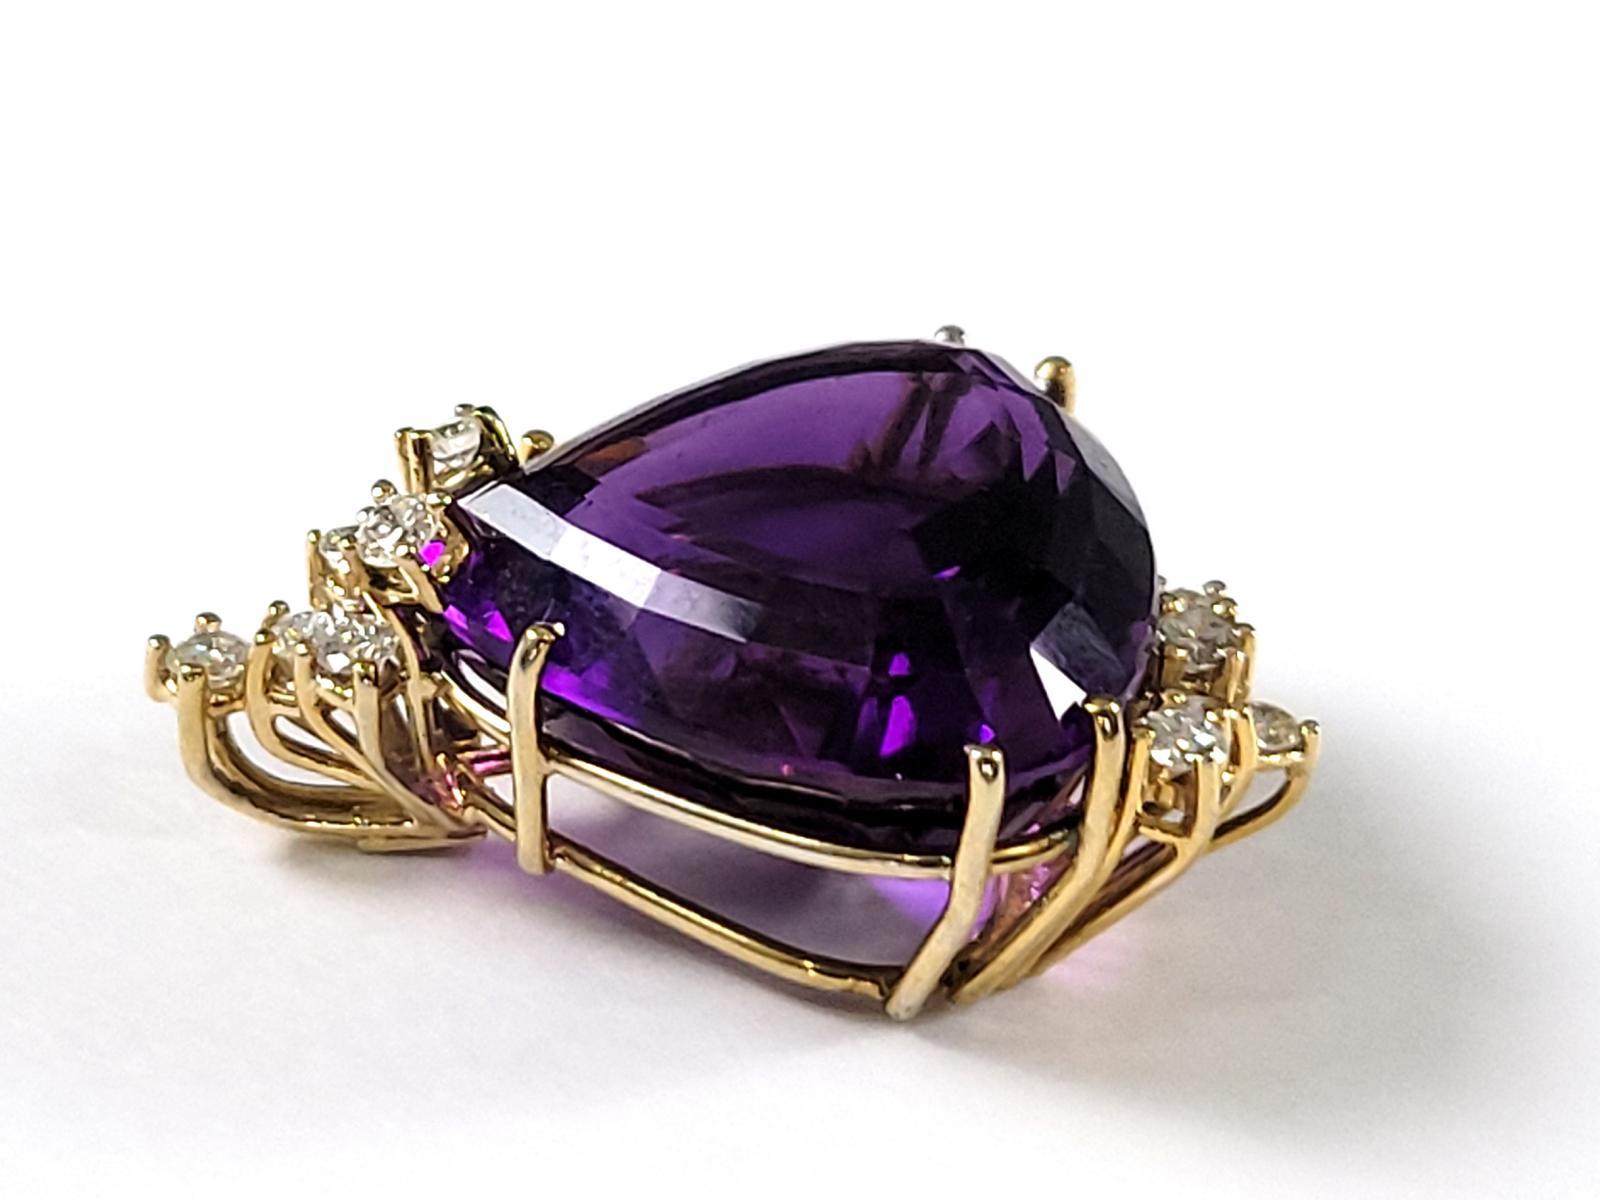 Anhänger mit Amethyst in Herzform mit Diamanten, 14 Karat Gelbgoldfassung-2